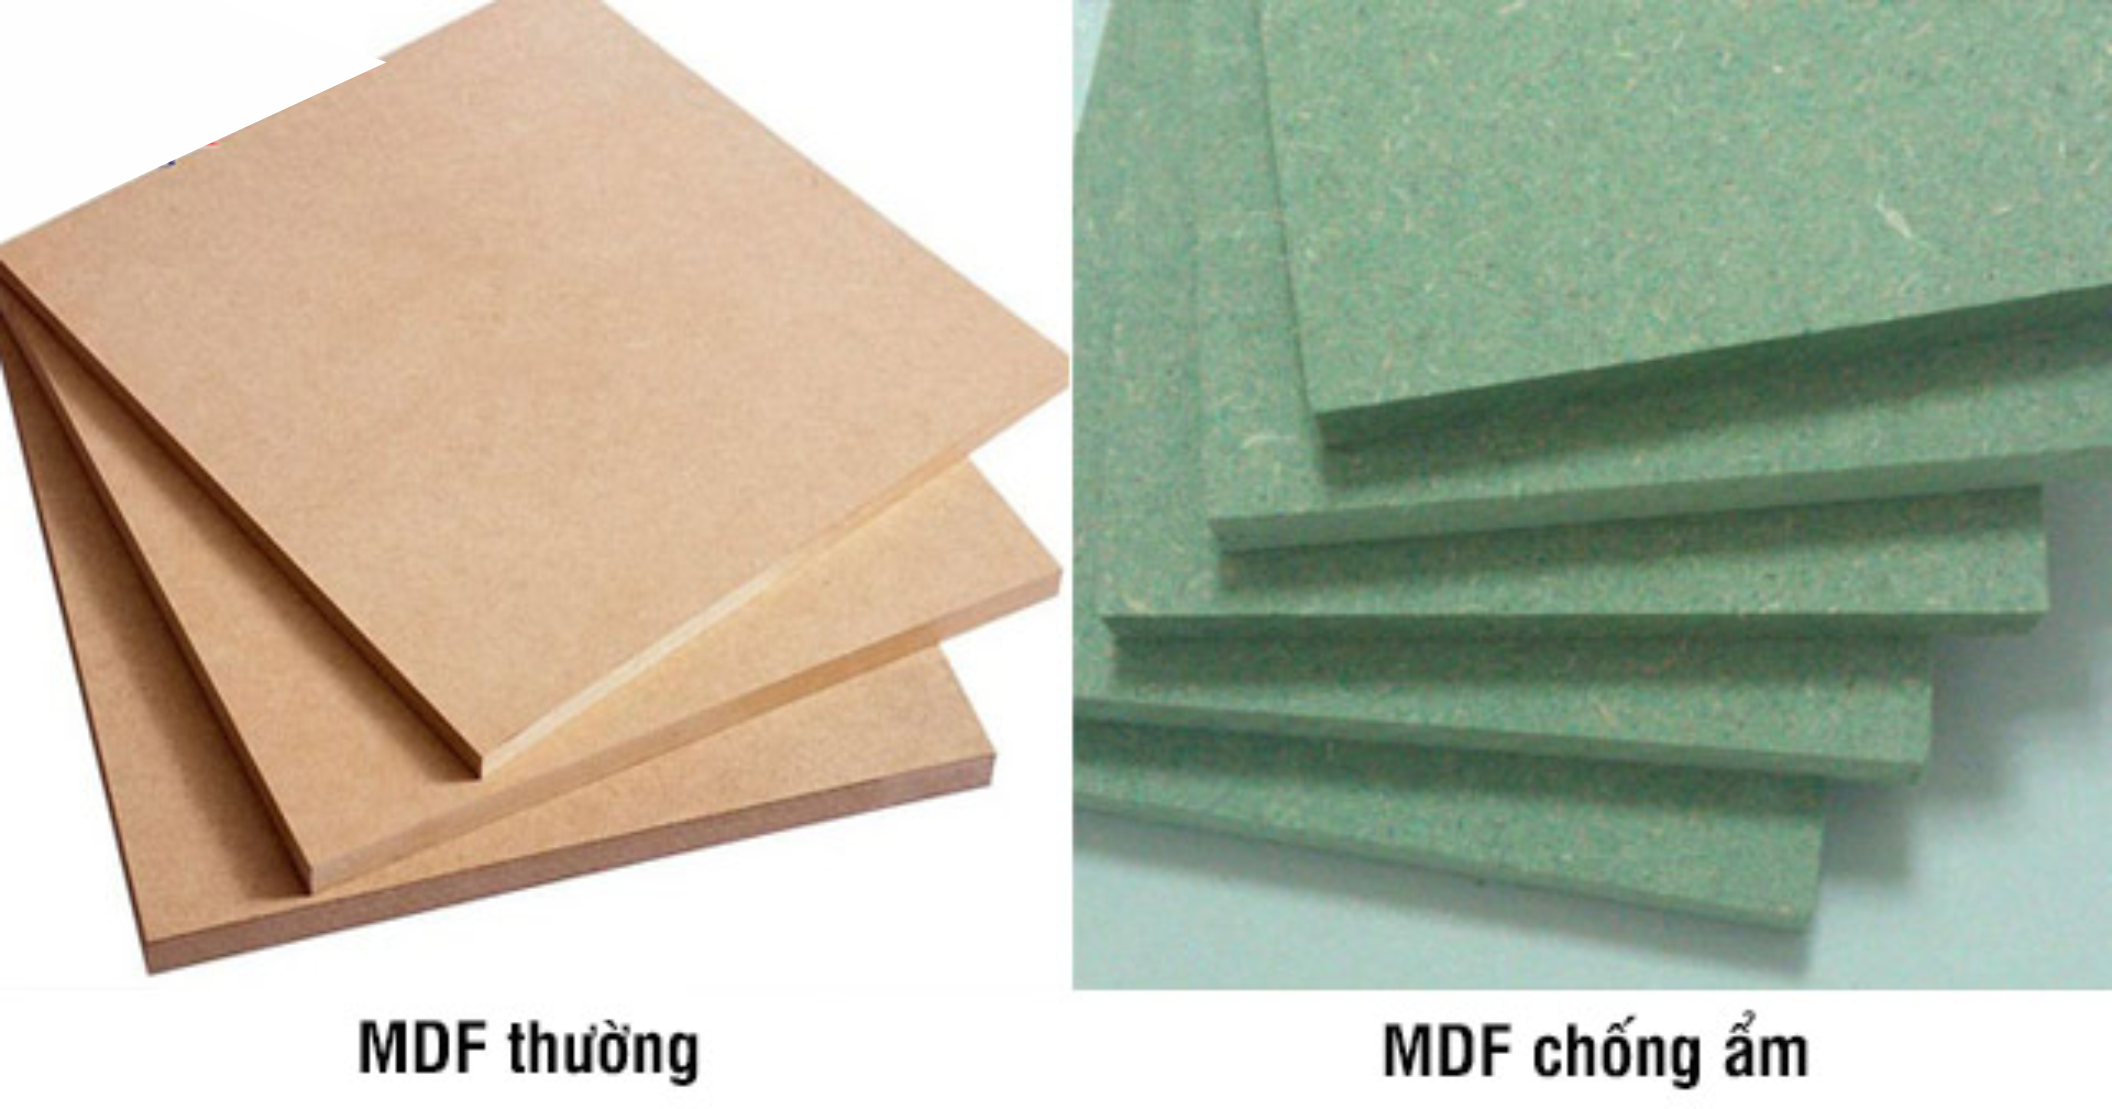 Gỗ công nghiệp MDF chống ẩm có khả năng chống nước tốt